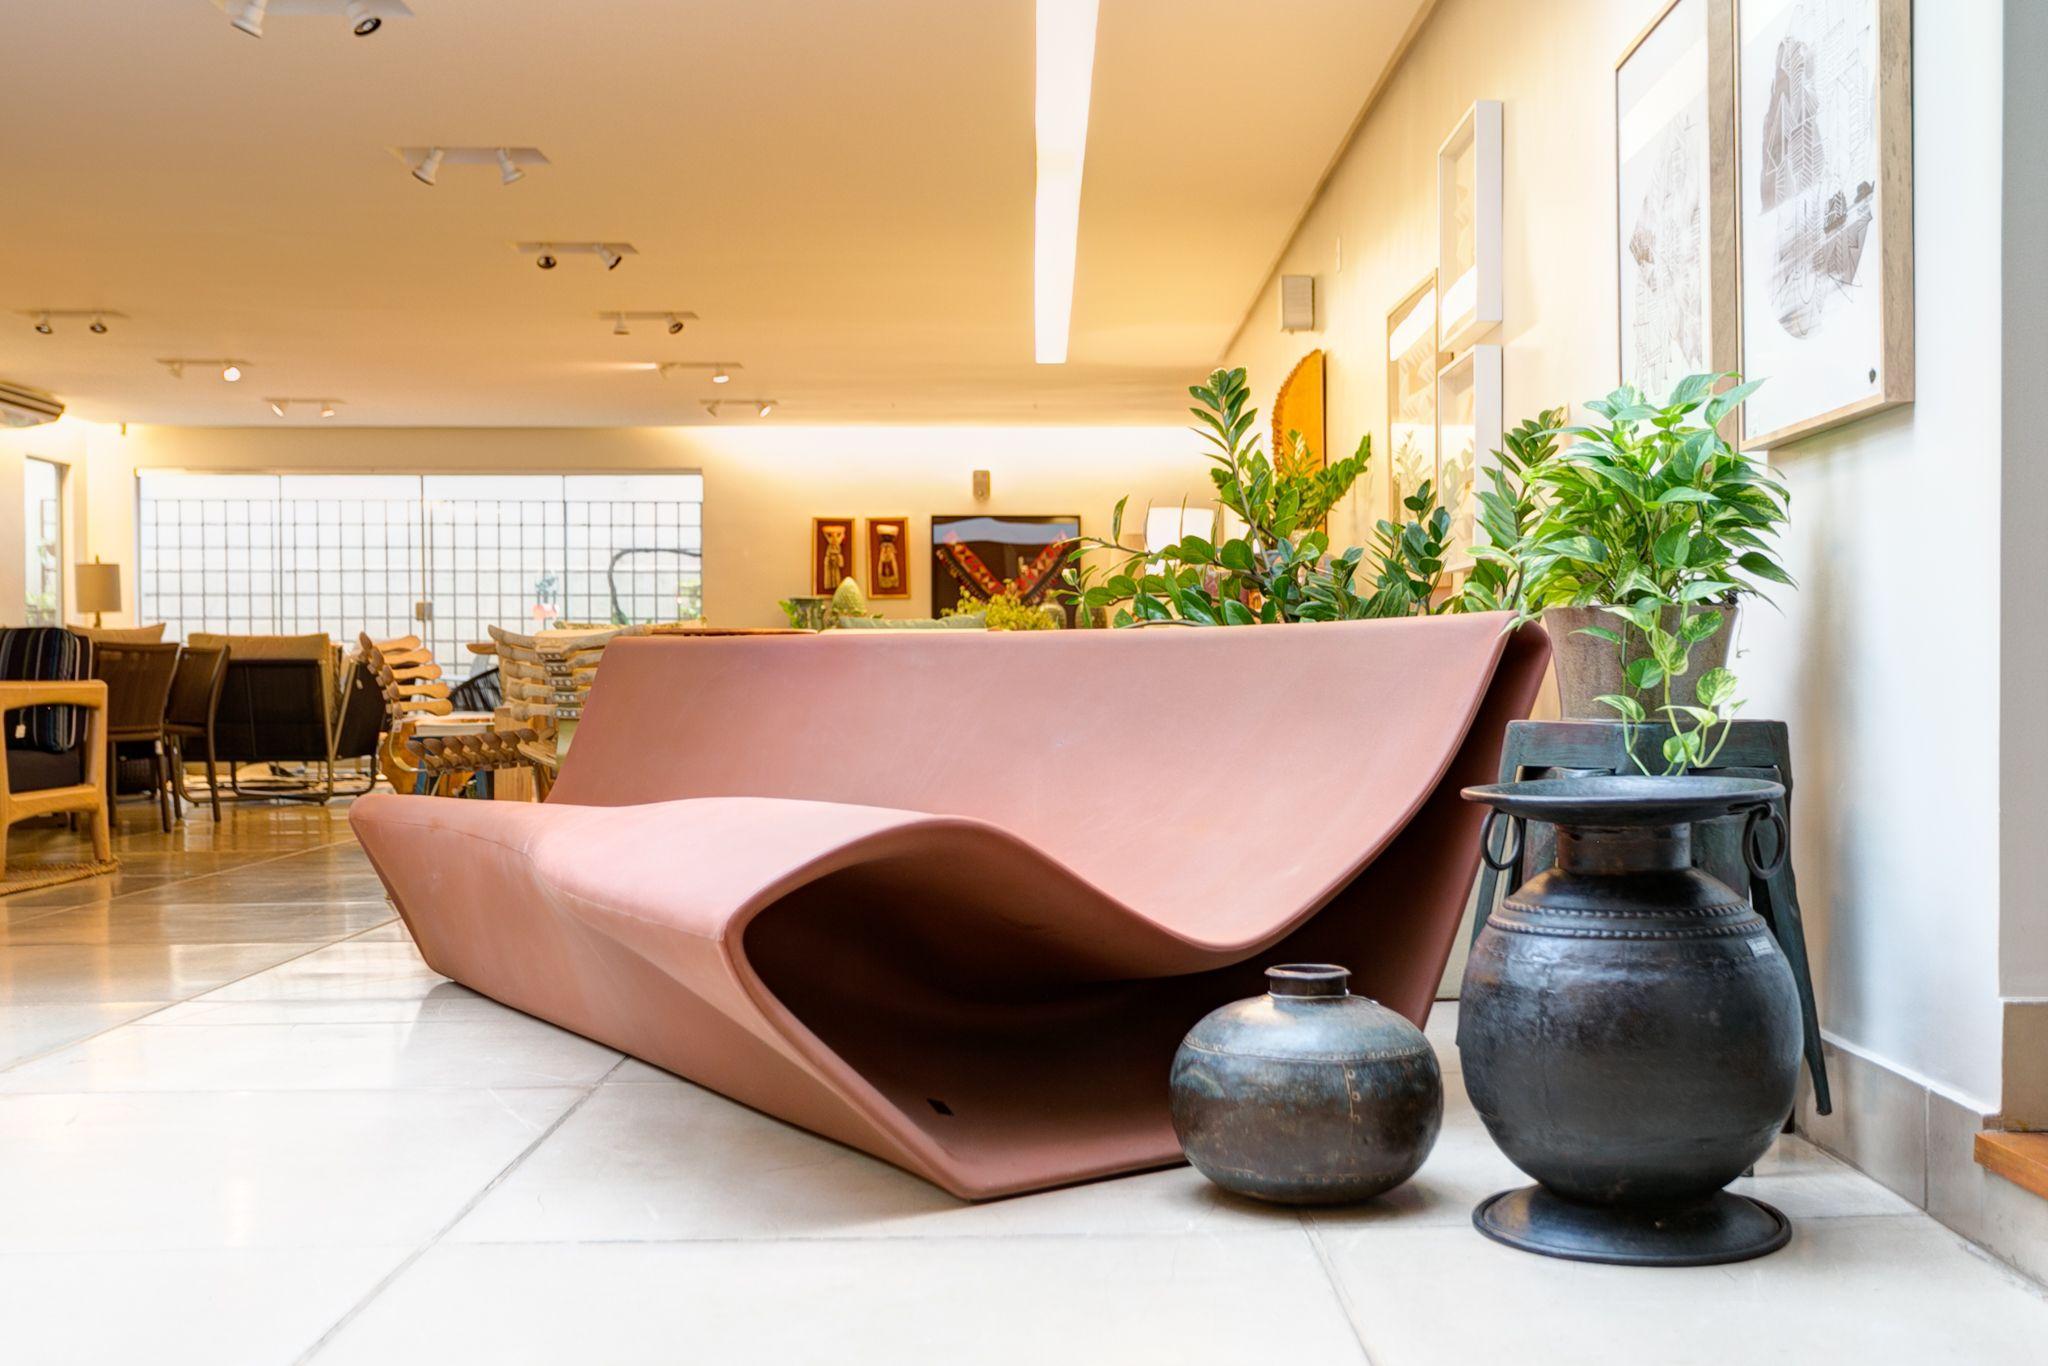 Sofa Rph Chocolate Brown Leather Ebay Design Fabio Novembre A Lot Of Brasil Linha